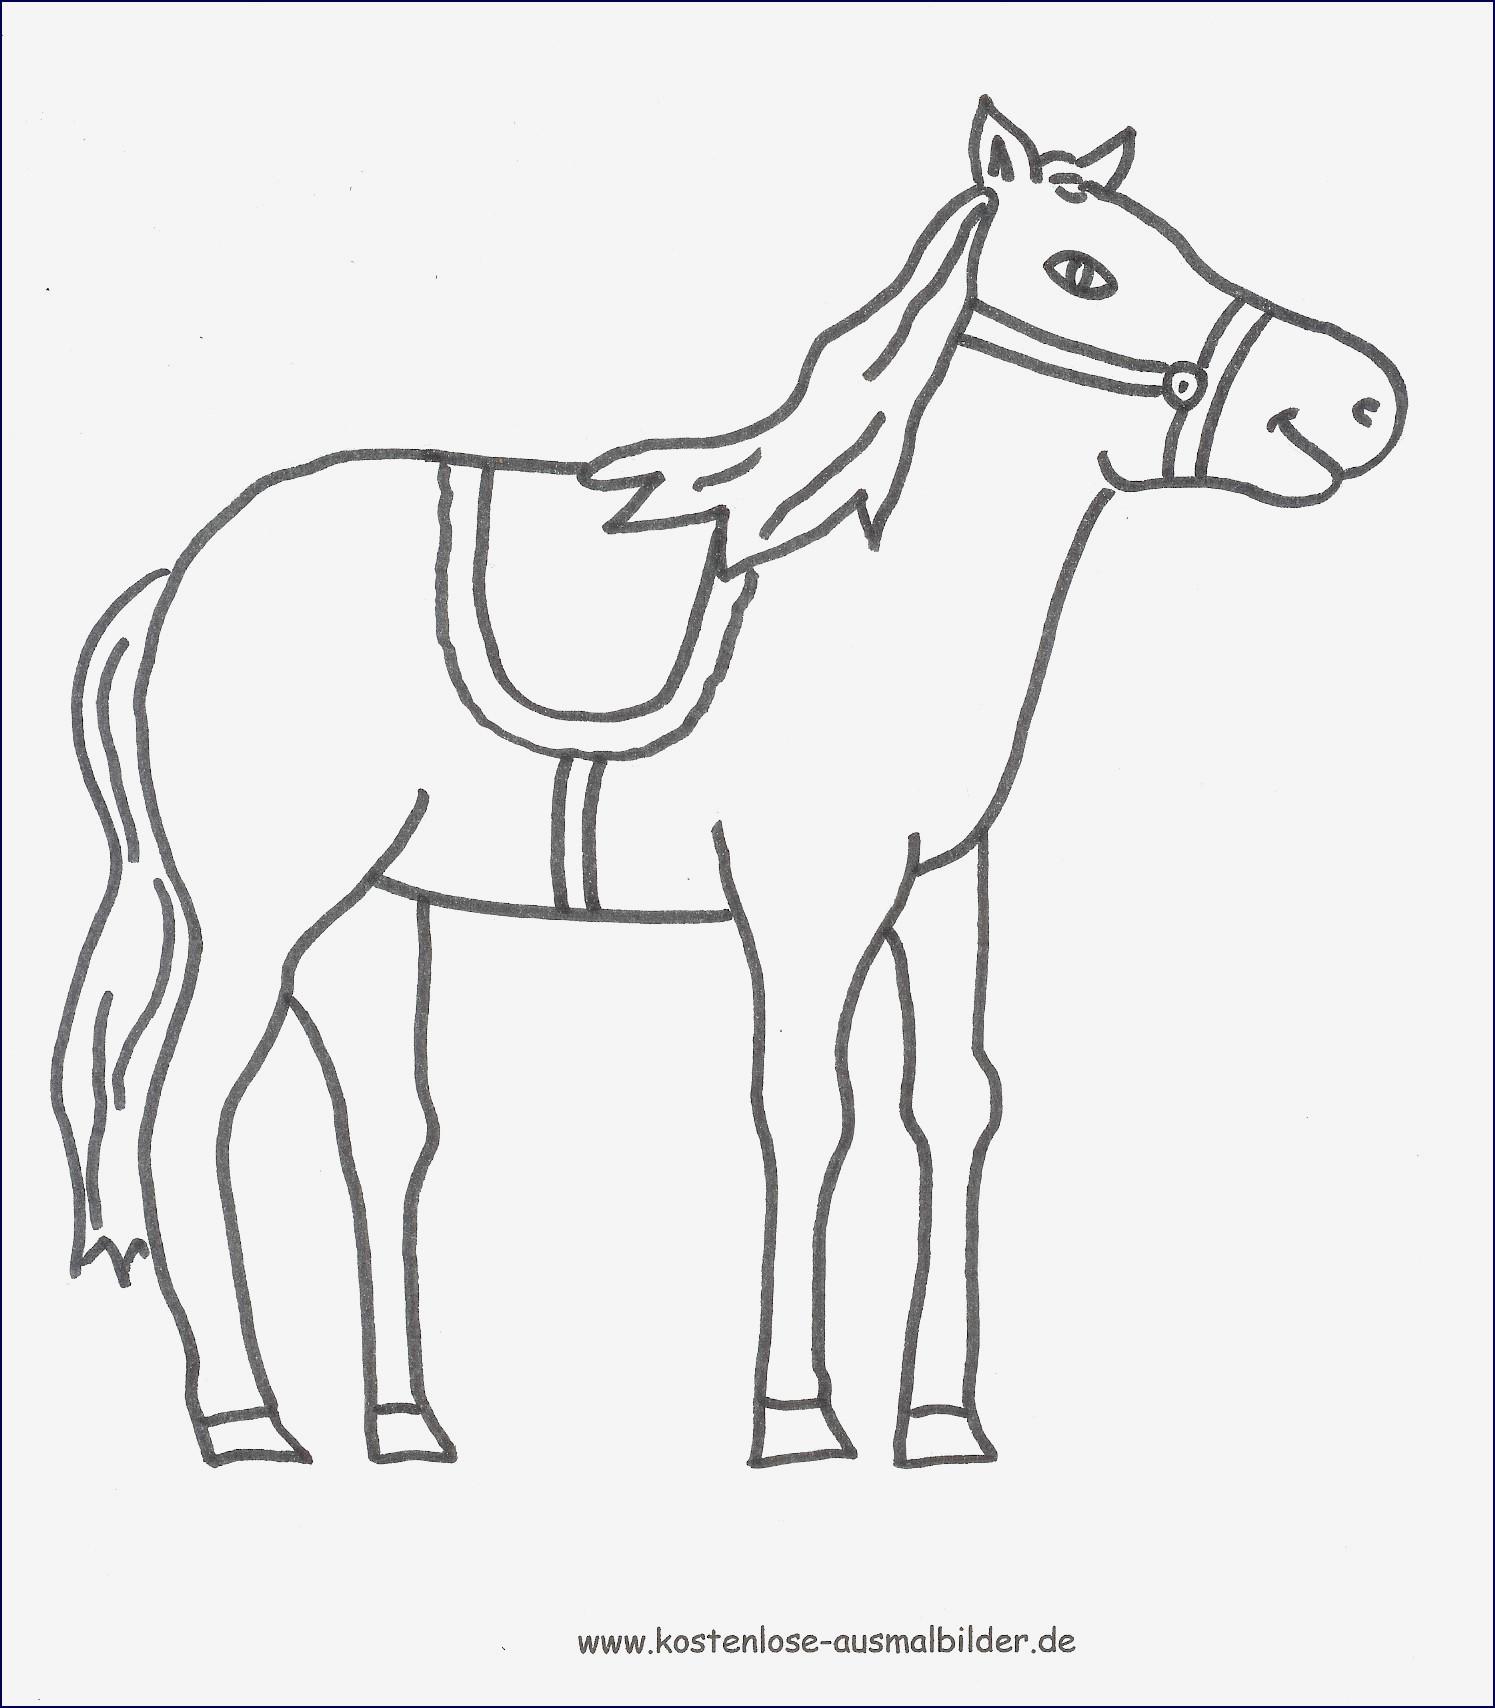 Reh Bilder Zum Ausmalen Neu Ausmalbilder Pferde Zum Ausdrucken Bildergalerie & Bilder Zum Bild